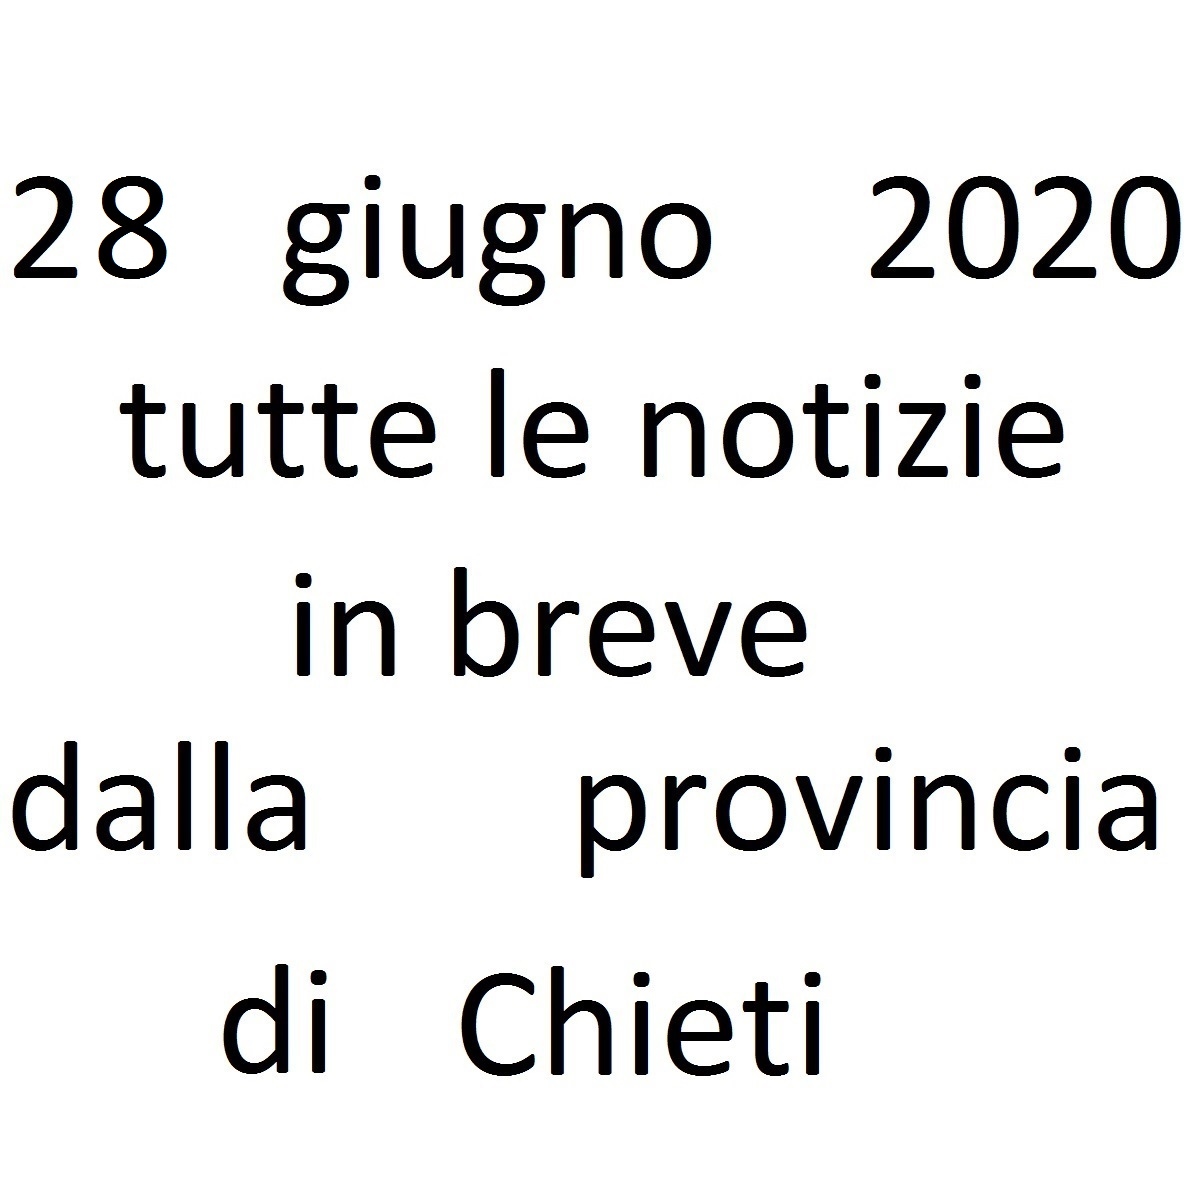 28 giugno 2020 notizie in breve dalla Provincia di Chieti foto